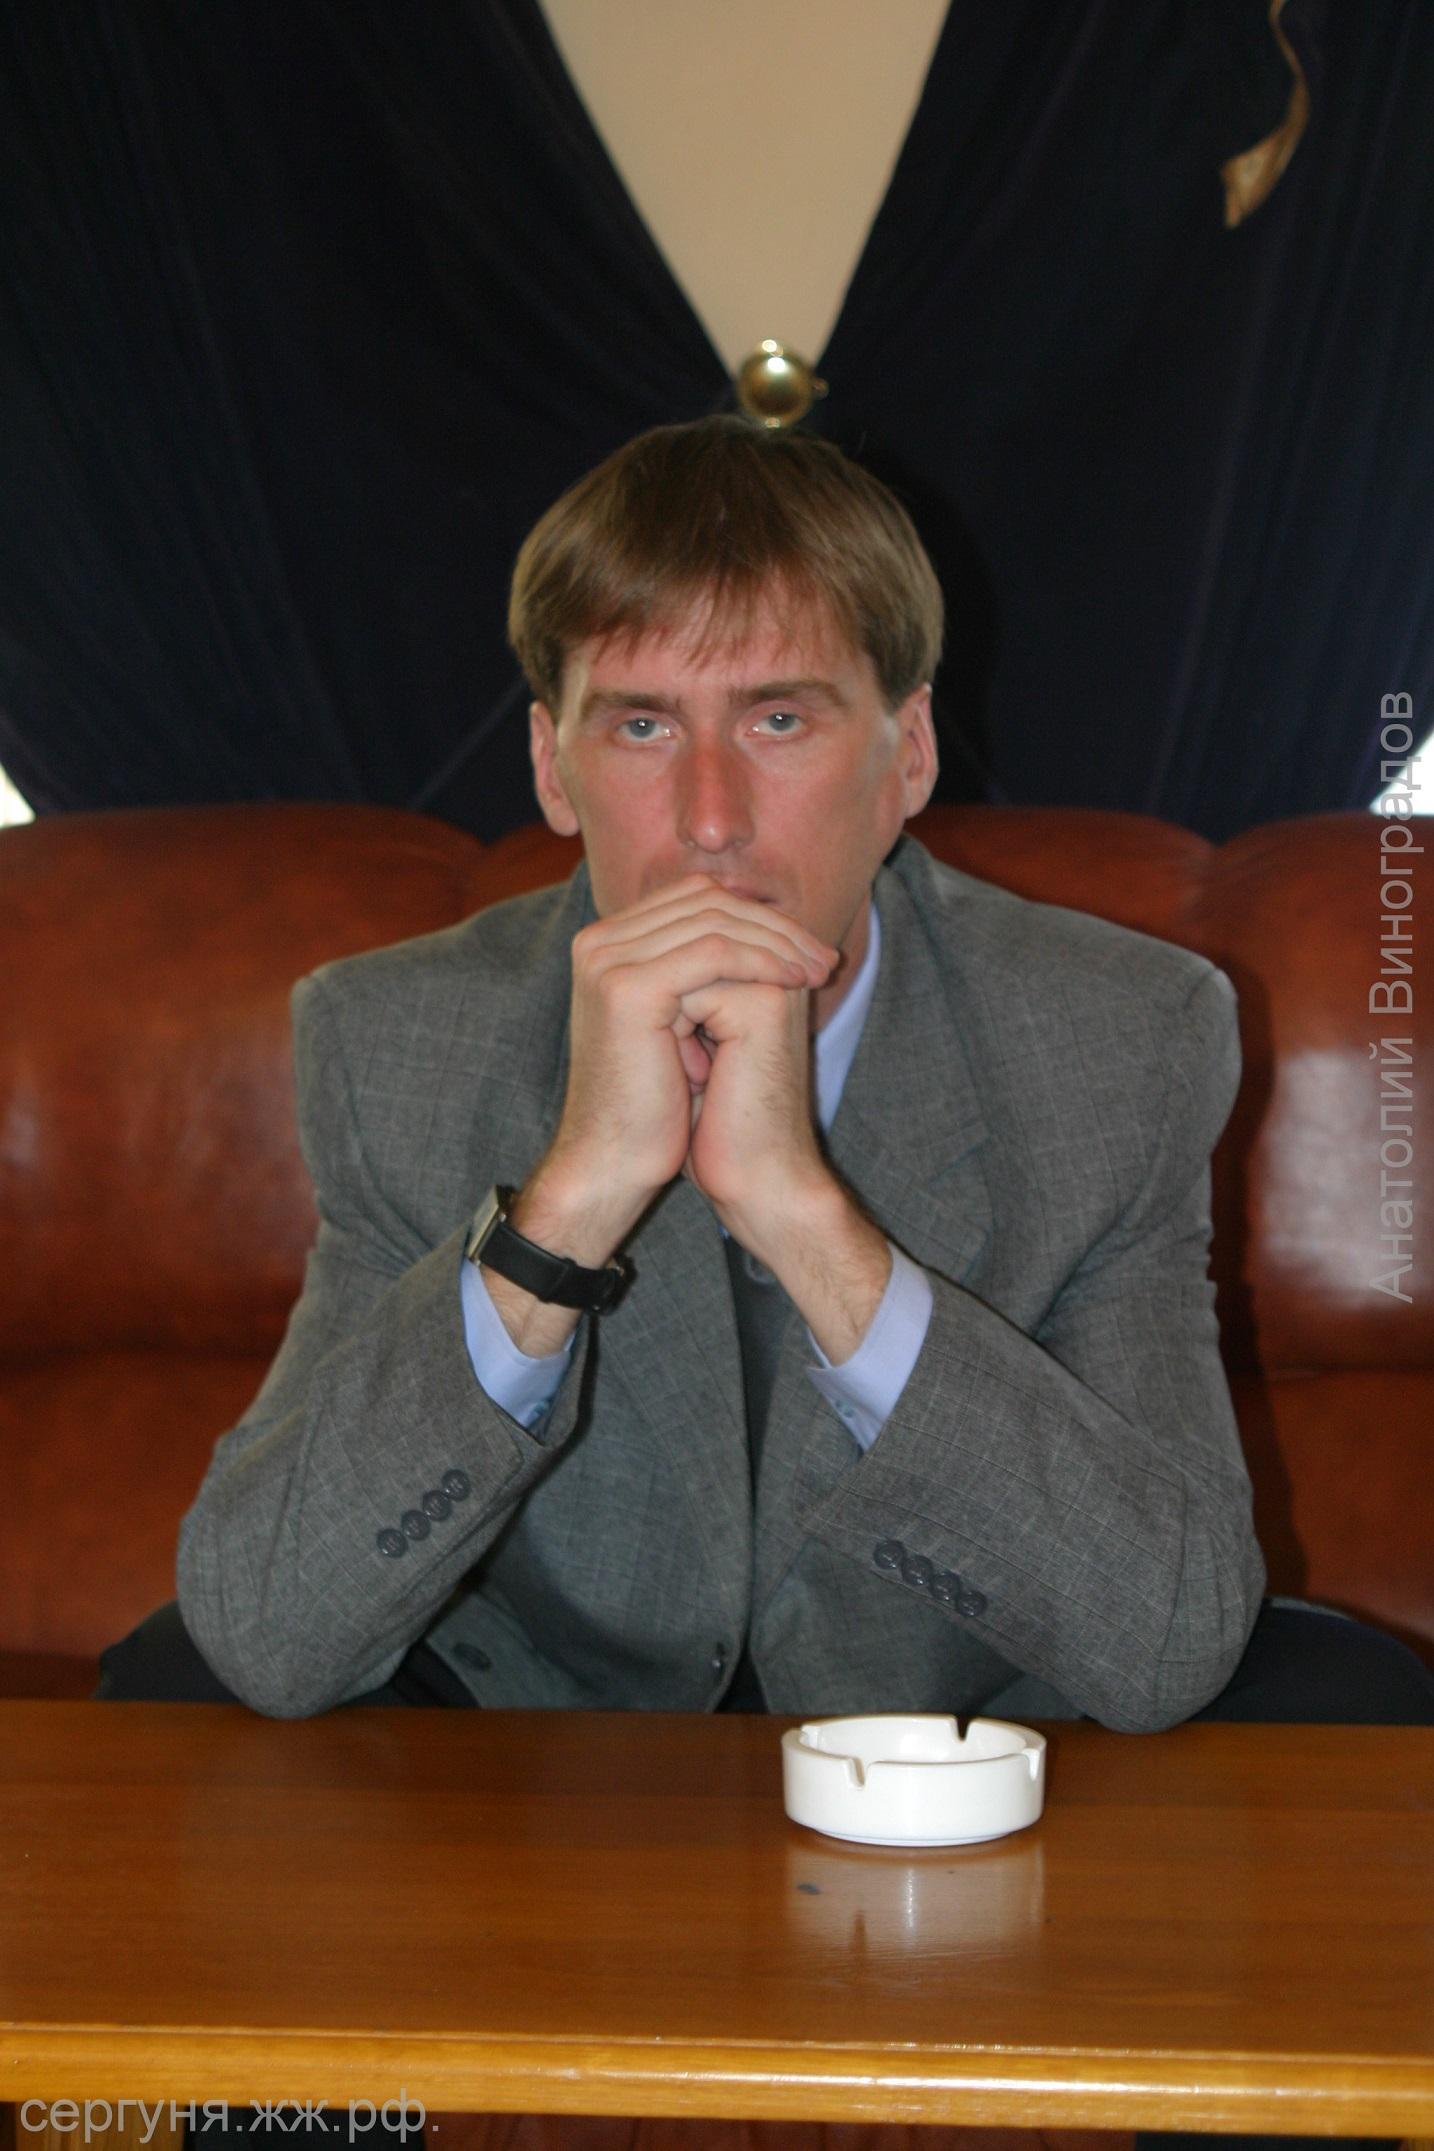 Сергей Дворянчиков - Фотограф Анатолий Виноградов